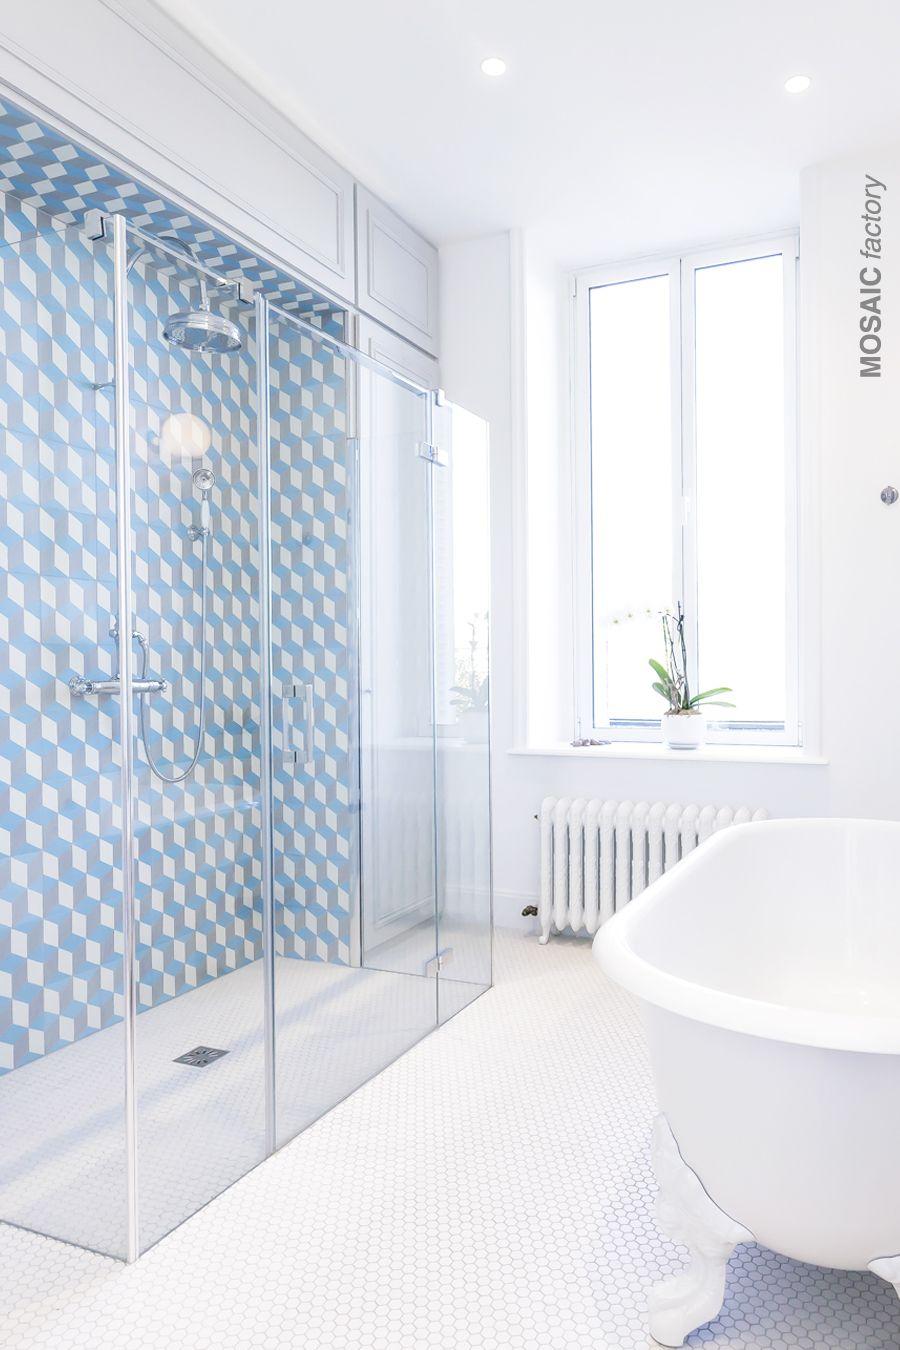 Weisses Modernes Badezimmer Mit Blau Grau Und Weiss Gemusterten Wandfliesen Aus Der Mosaic Fa Badezimmer Fliesen Badezimmer Fliesen Ideen Gemusterte Wandfliesen